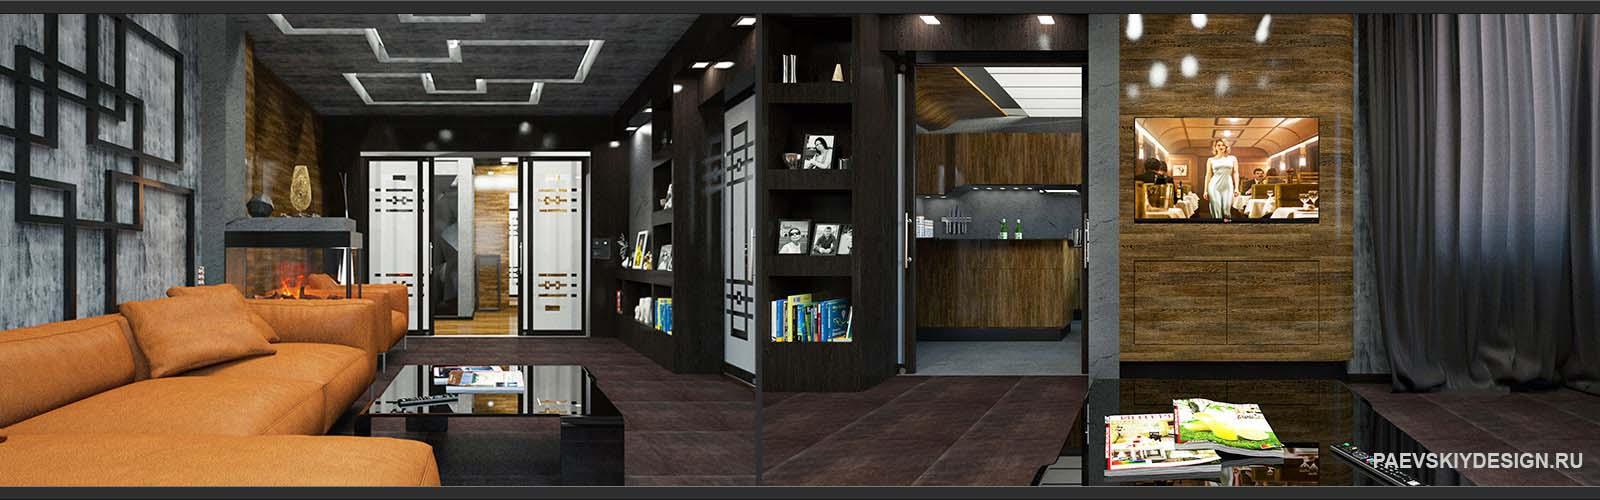 Дизайн проект квартиры в Москве под ключ